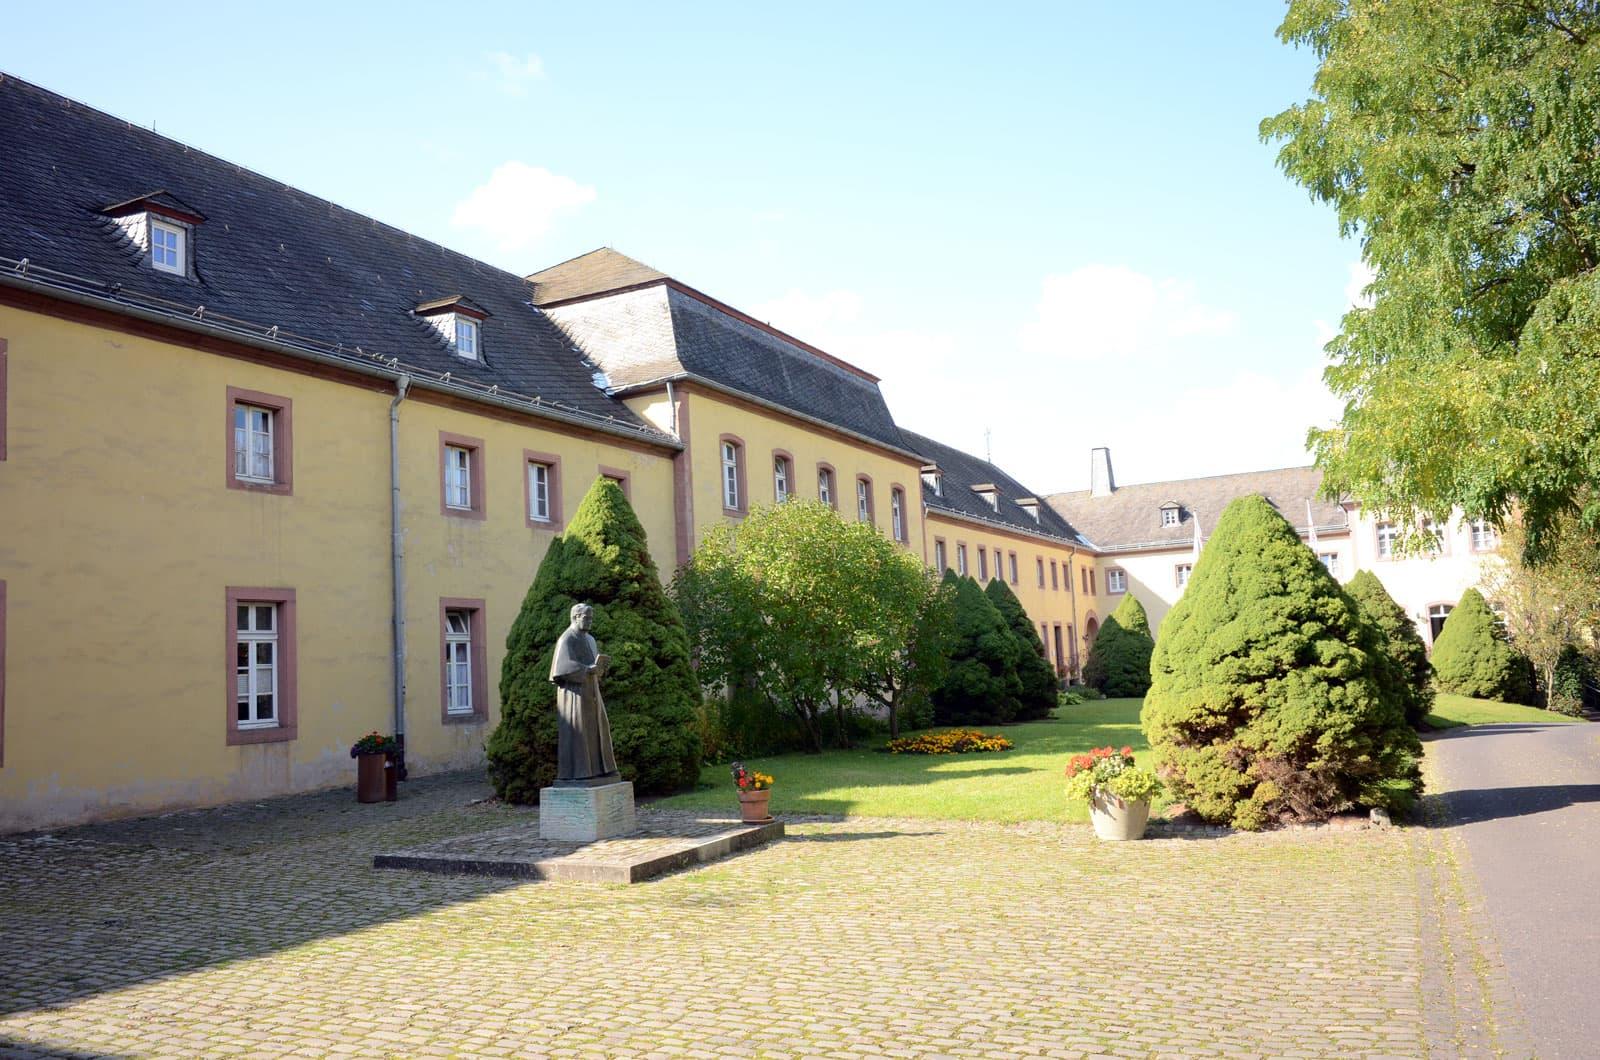 Innenhof-Kloster Steinfeld